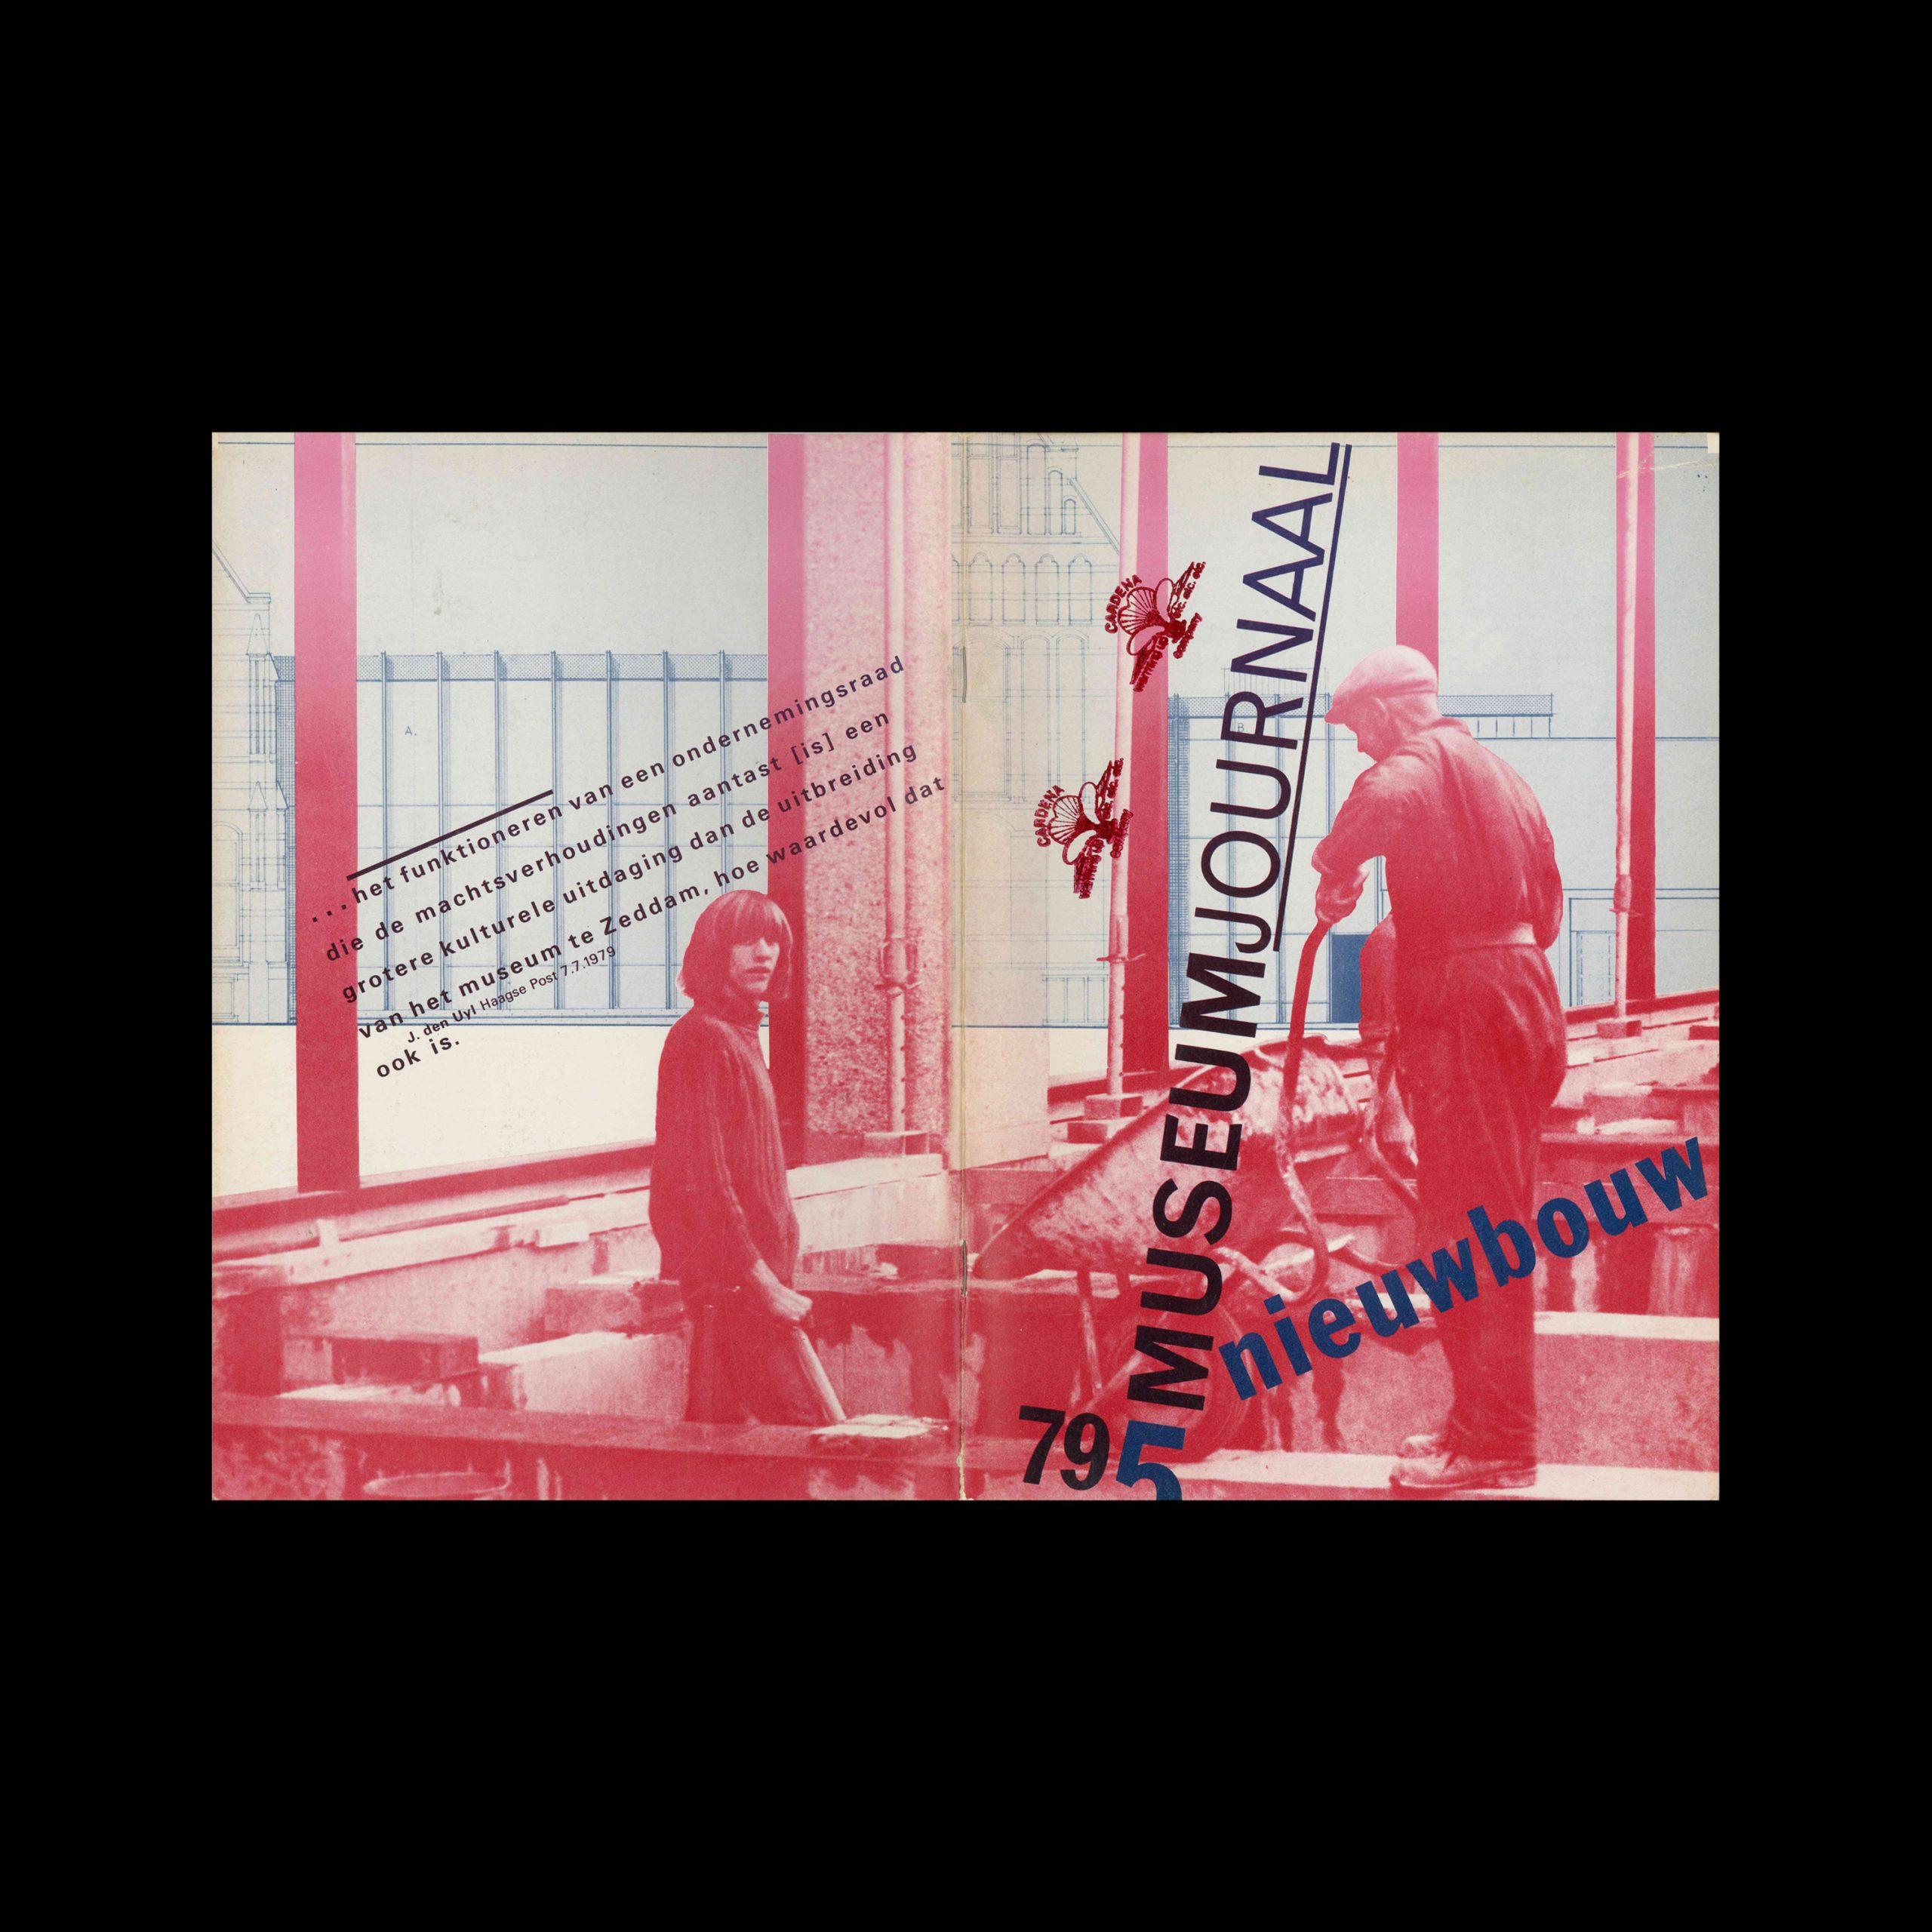 Museumjournaal, Serie 24 no5, 1979. Cover design by Jan van Toorn.